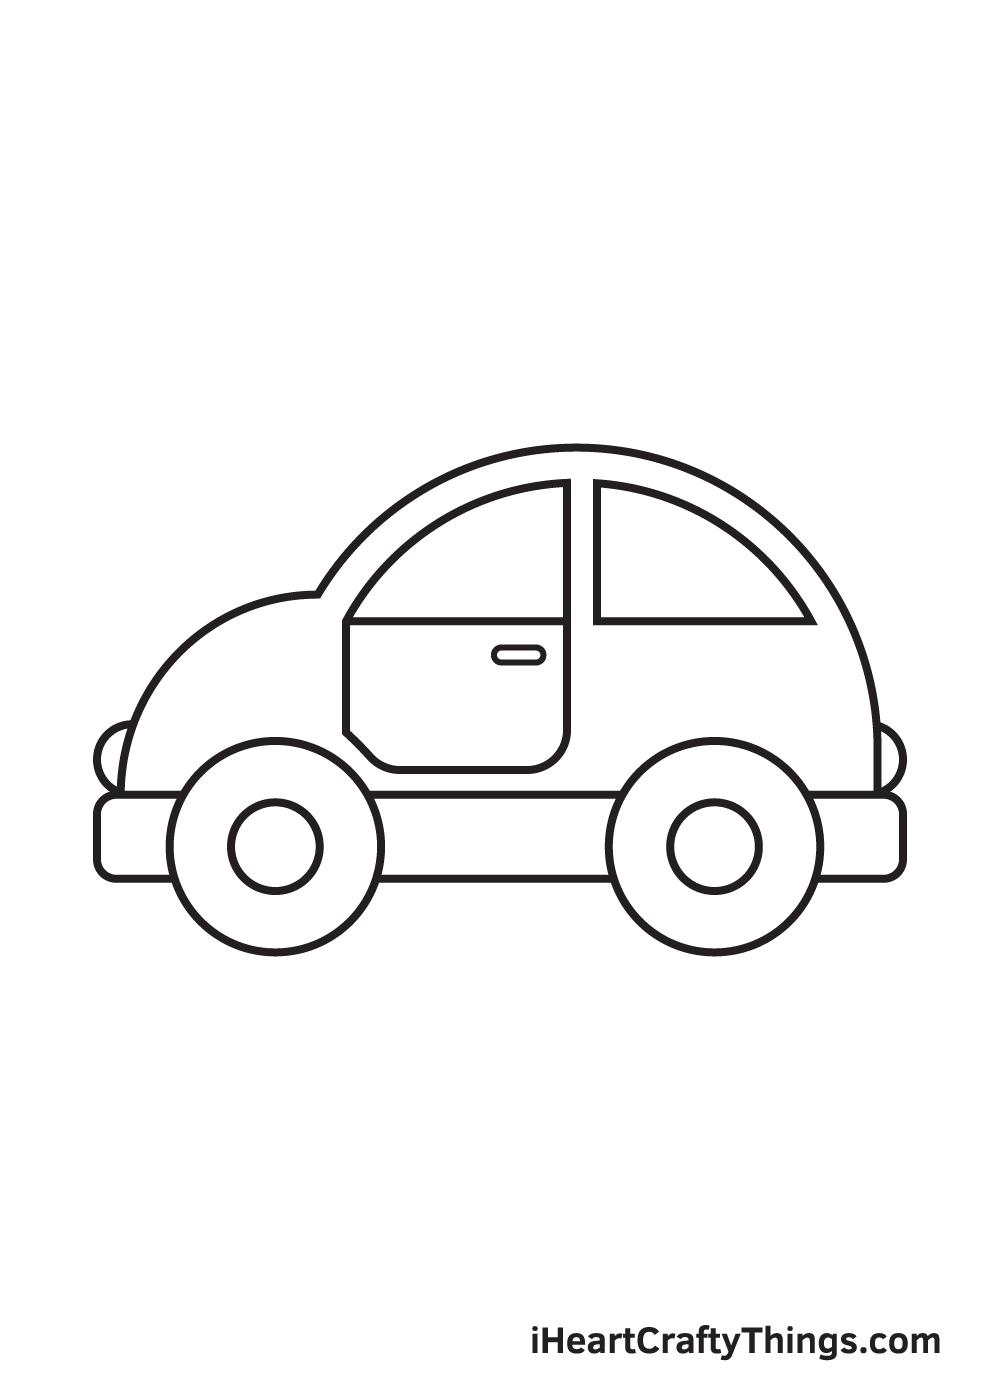 bản vẽ ô tô - bước 8